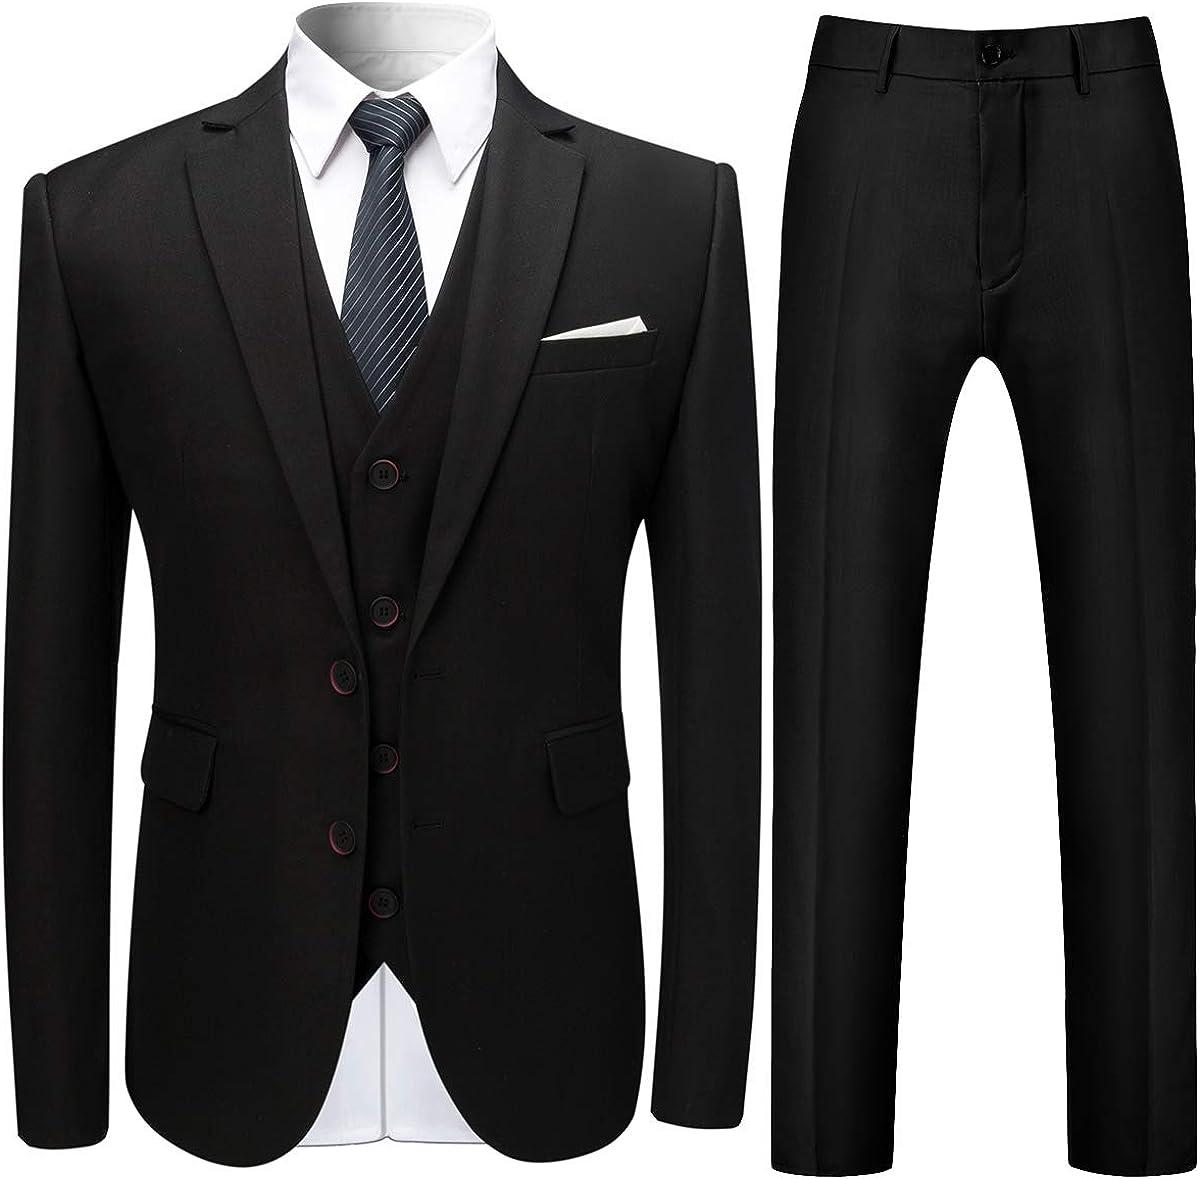 mens stylish 3 piece dress suit slim fit wedding formal jacket vest pants at amazon men s clothing store mens stylish 3 piece dress suit slim fit wedding formal jacket vest pants